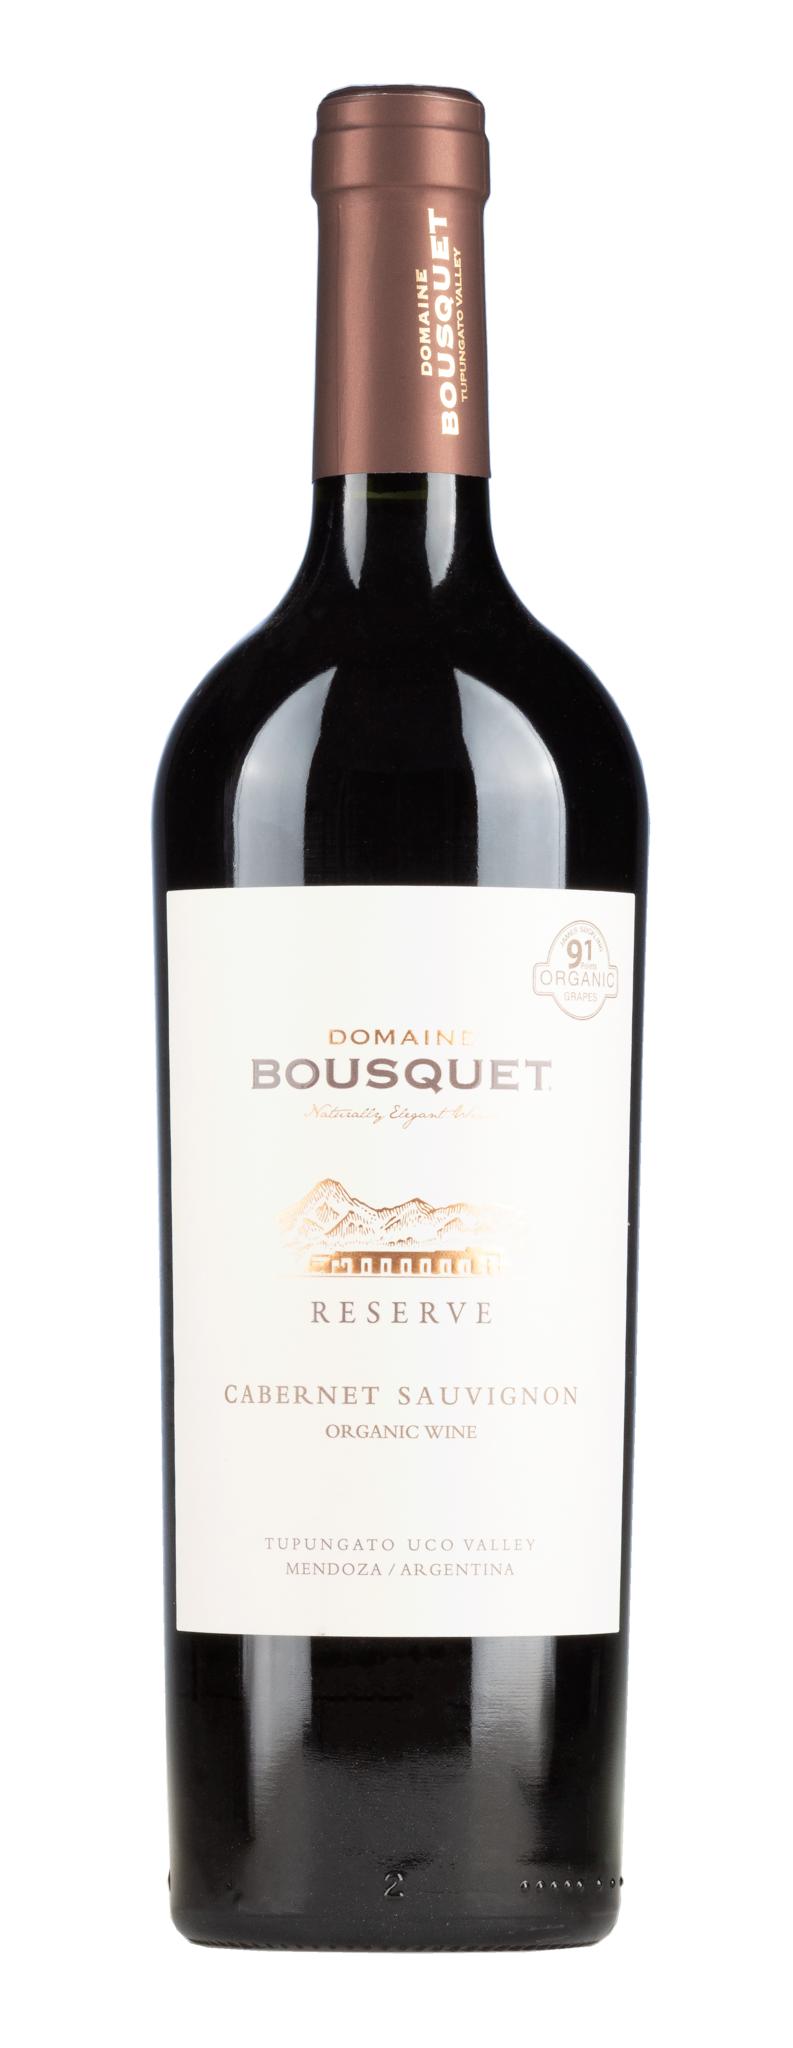 Bousquet, Domaine - Argentinien 2018 Cabernet Sauvignon Reserve, Domaine Bousquet